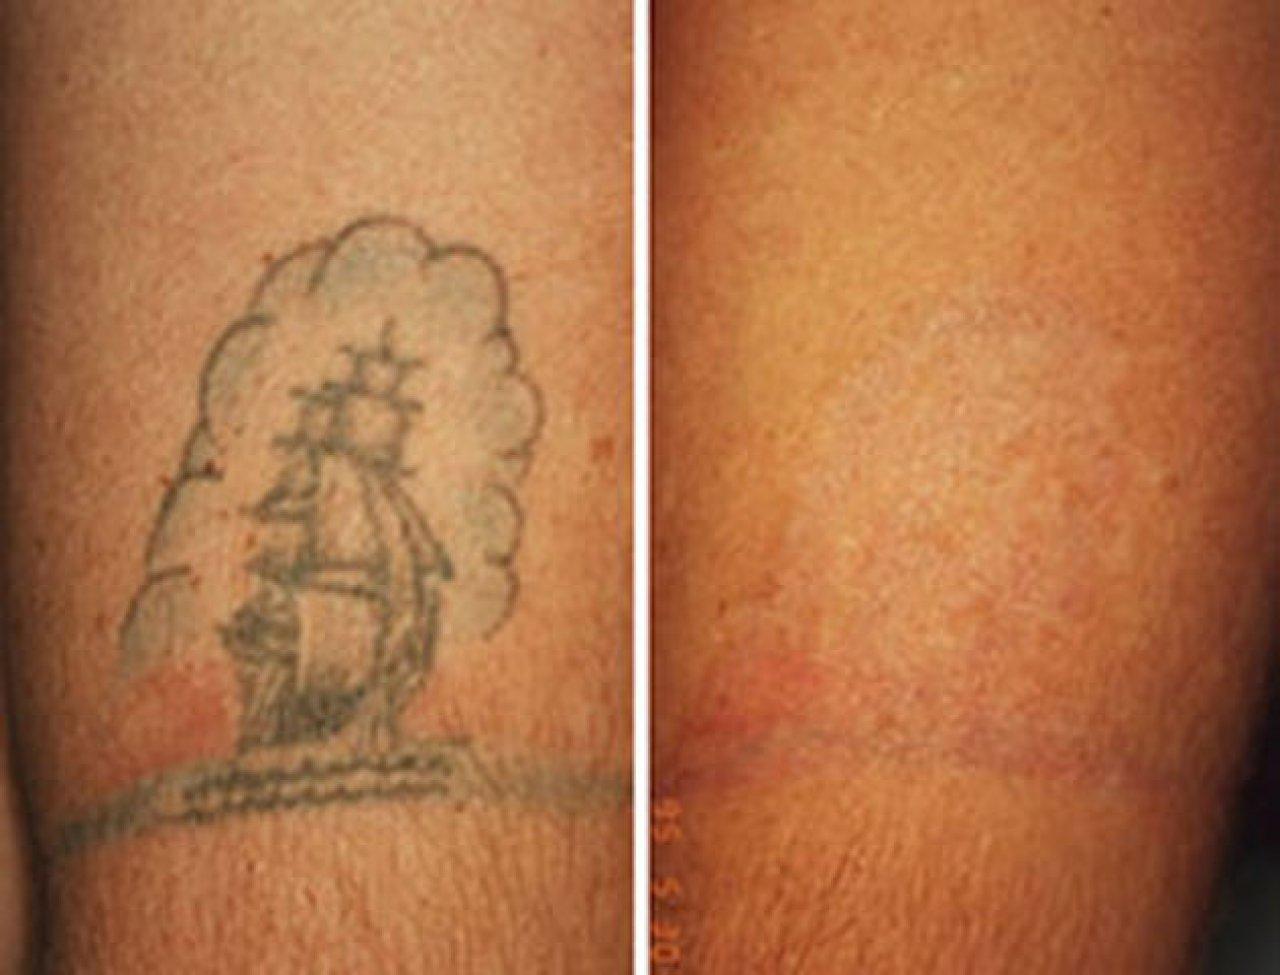 Сильный лазер для удаления тату